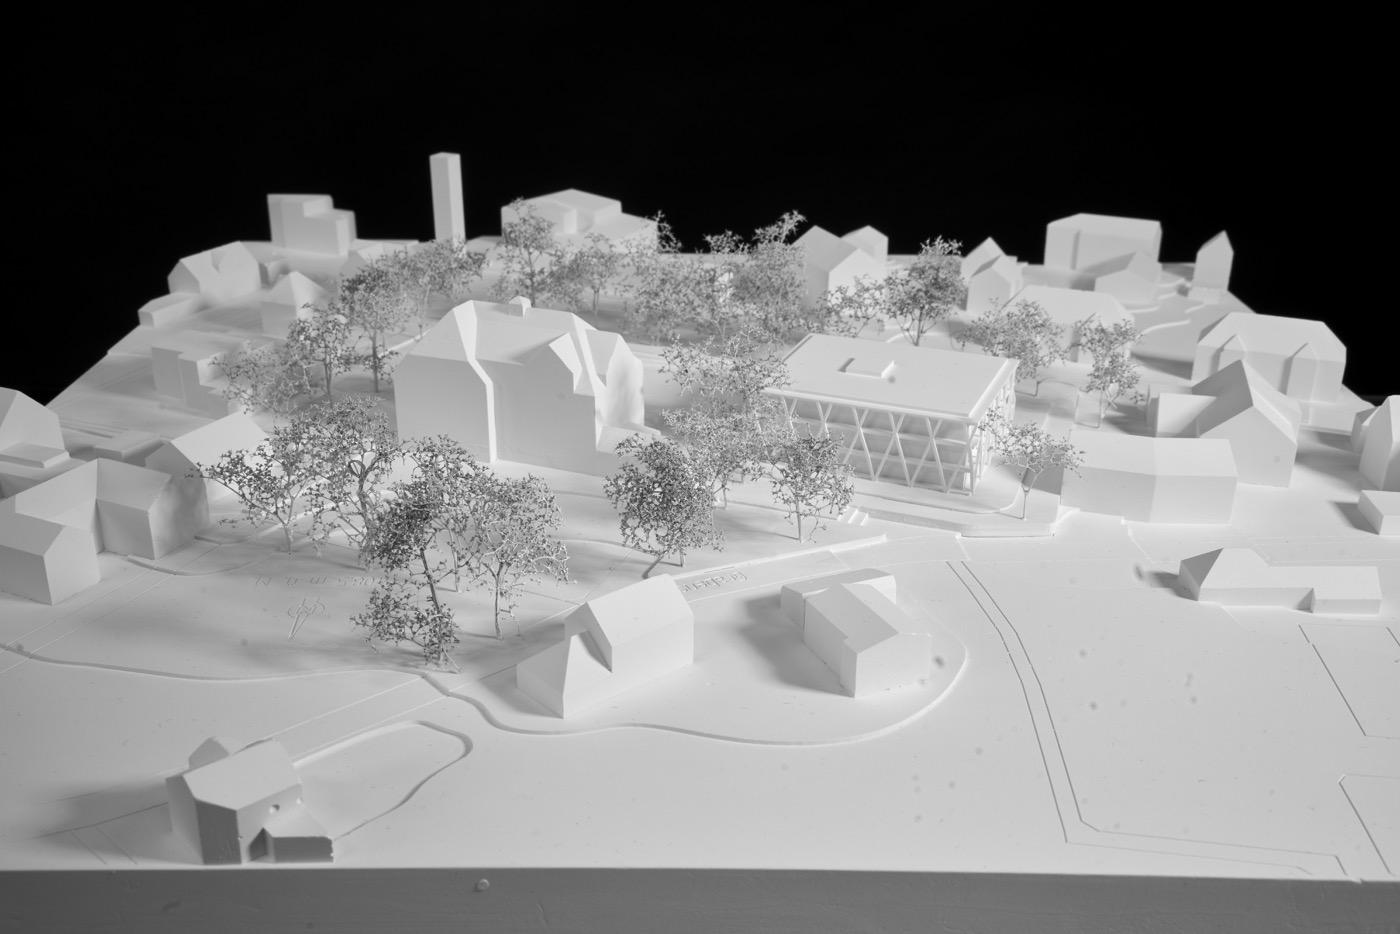 buan-architekten-ersatzneubau schulhaus zentrum-diessenhofen-modell-3